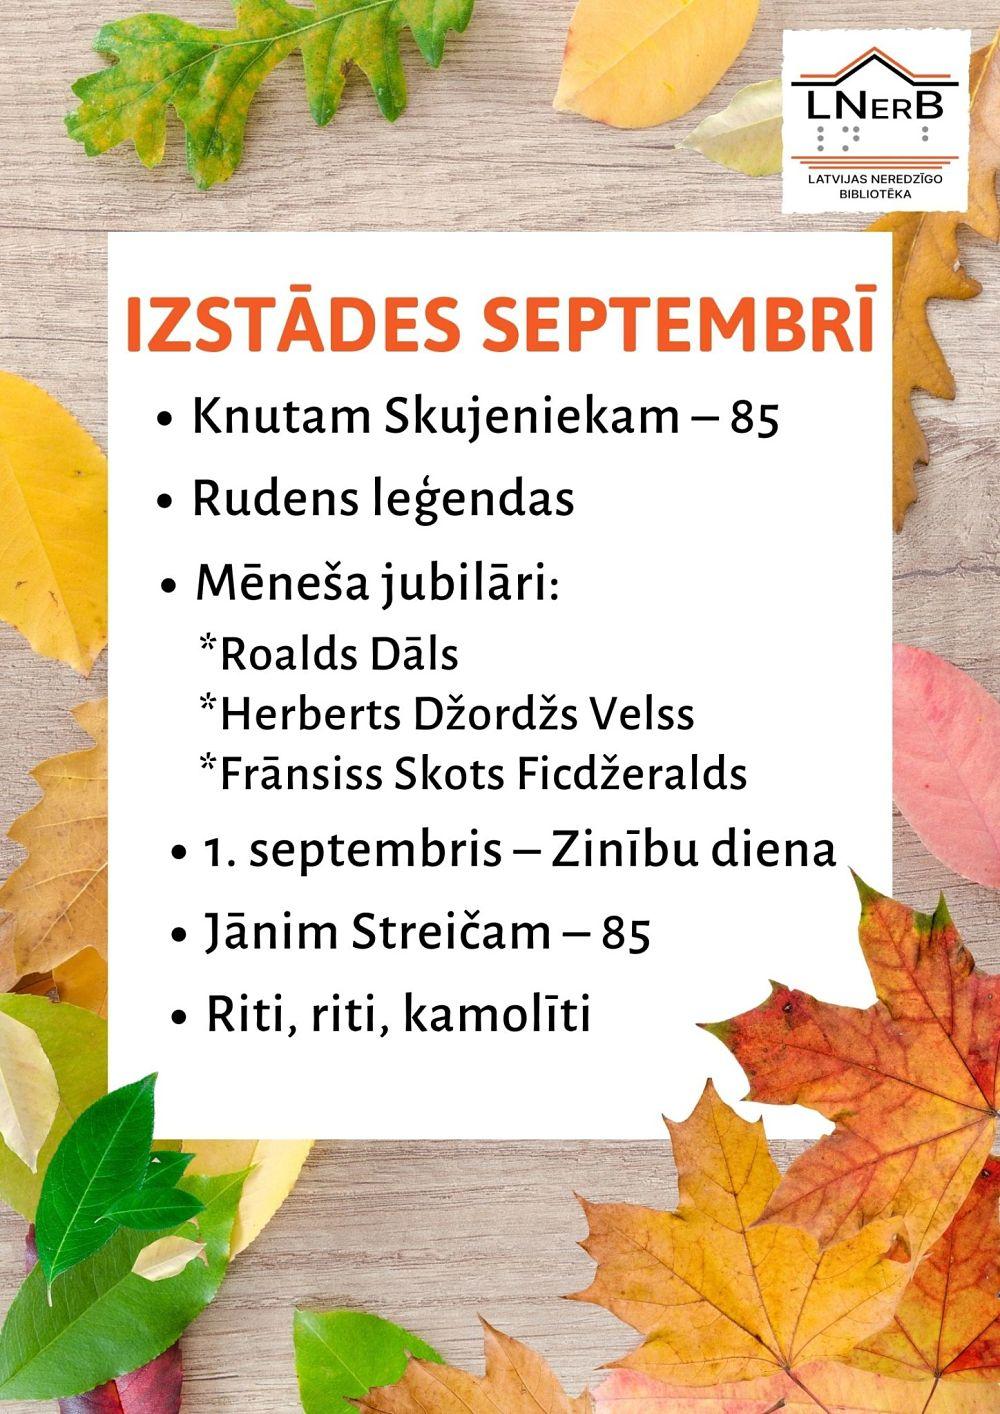 Plakāts izstādēm septembrī bibliotēkā Rīgā